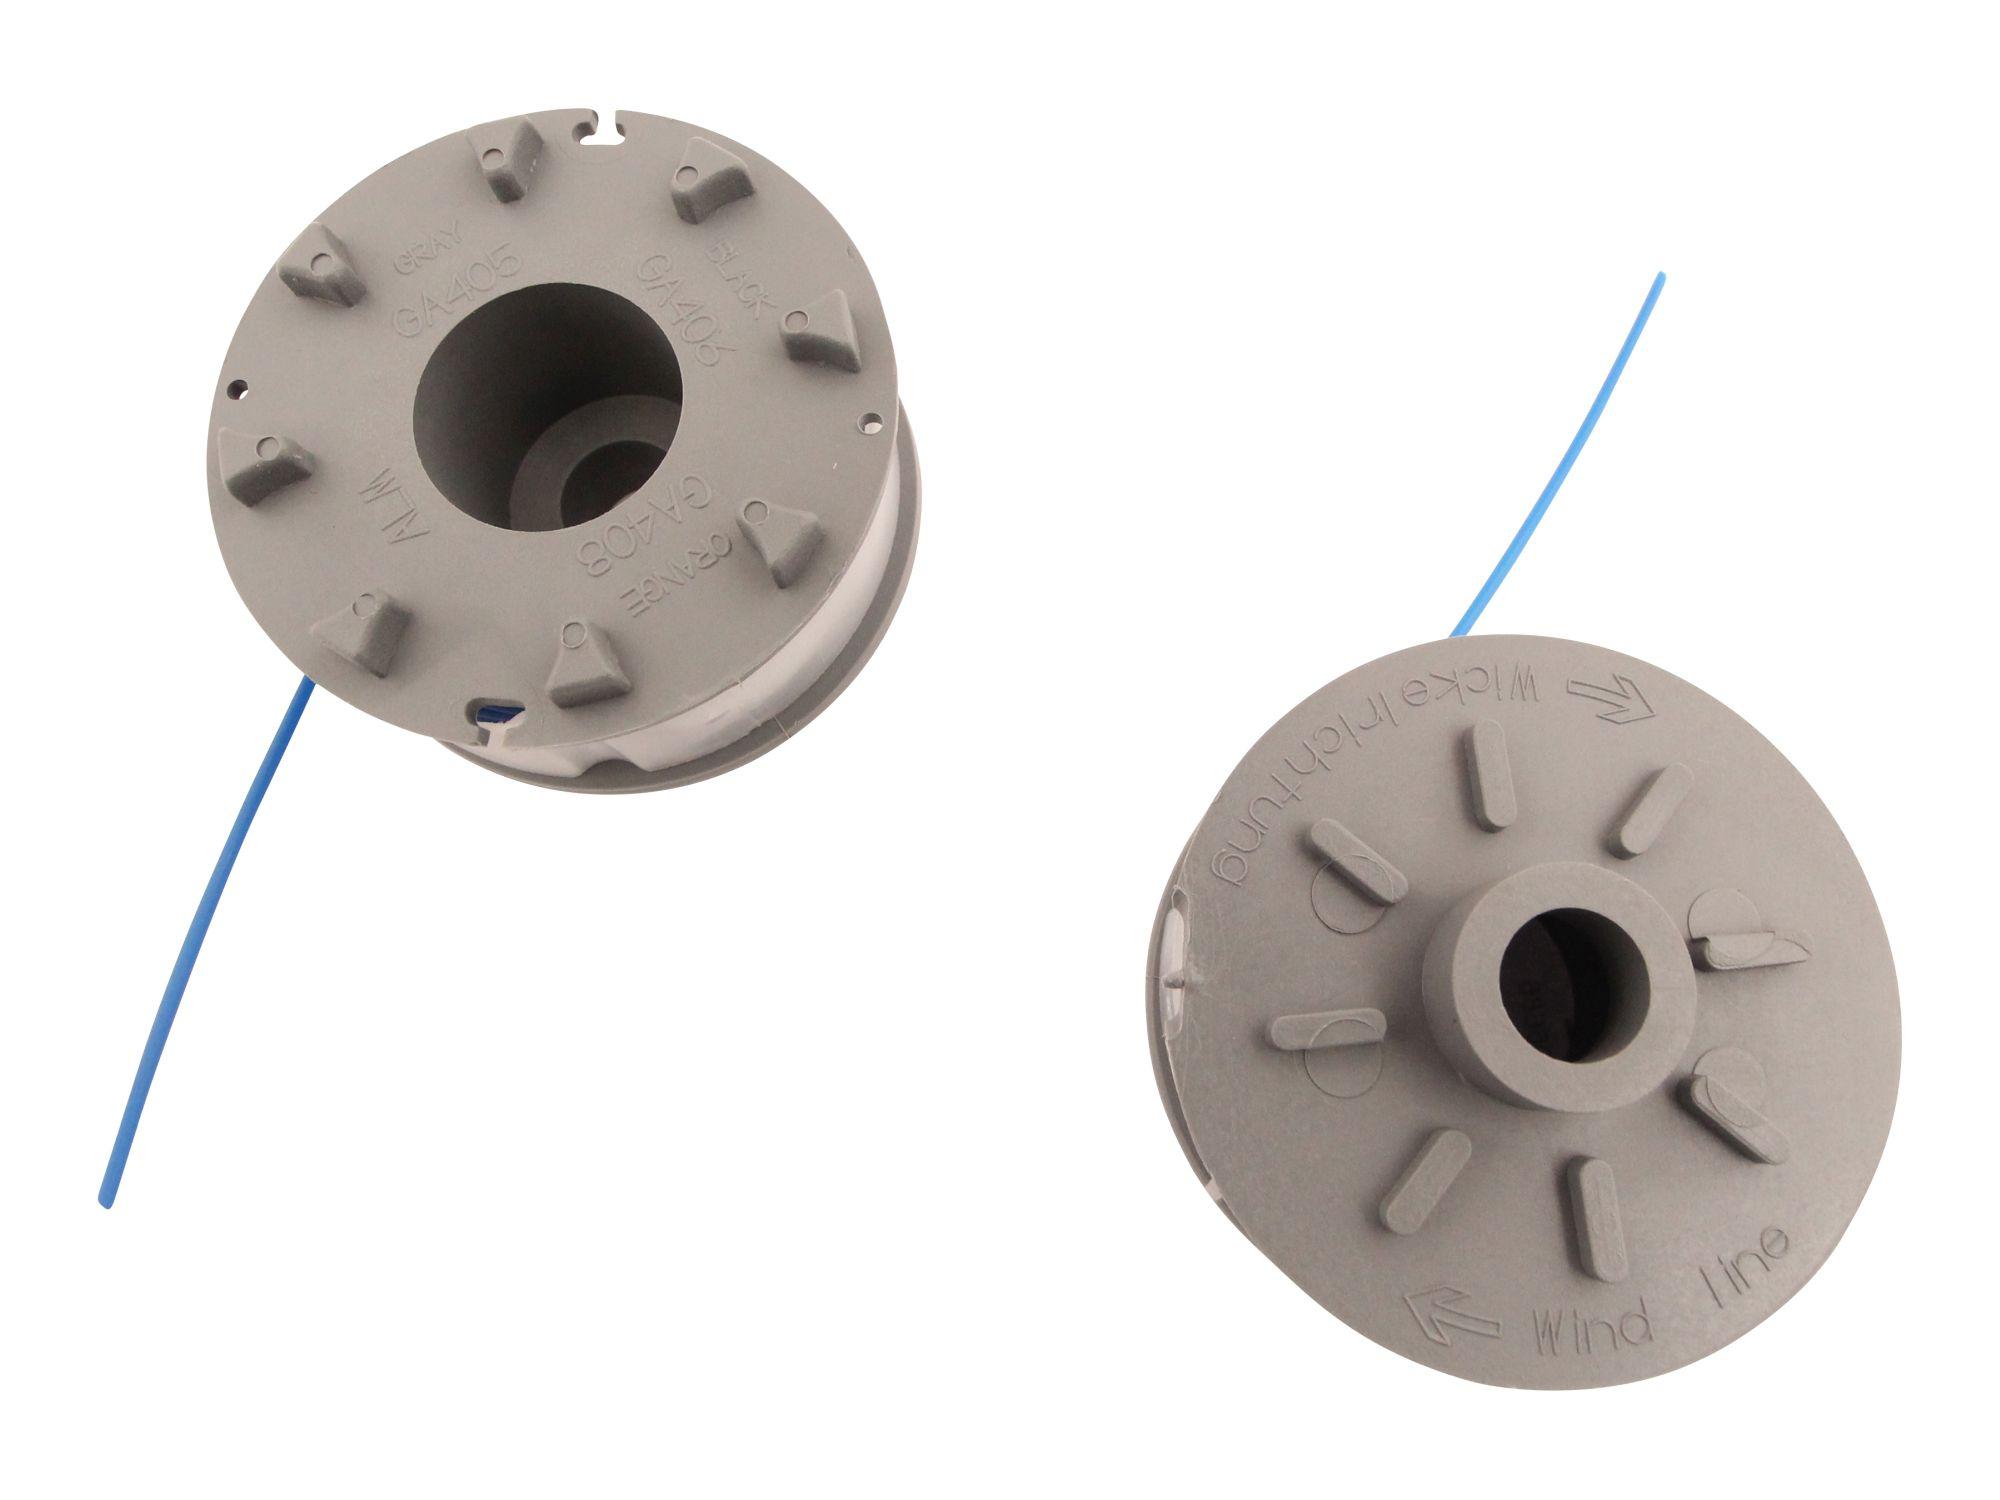 2er Set passend Gardena Turbotrimmer 200 Freischneider Fadenspule 1,6mm